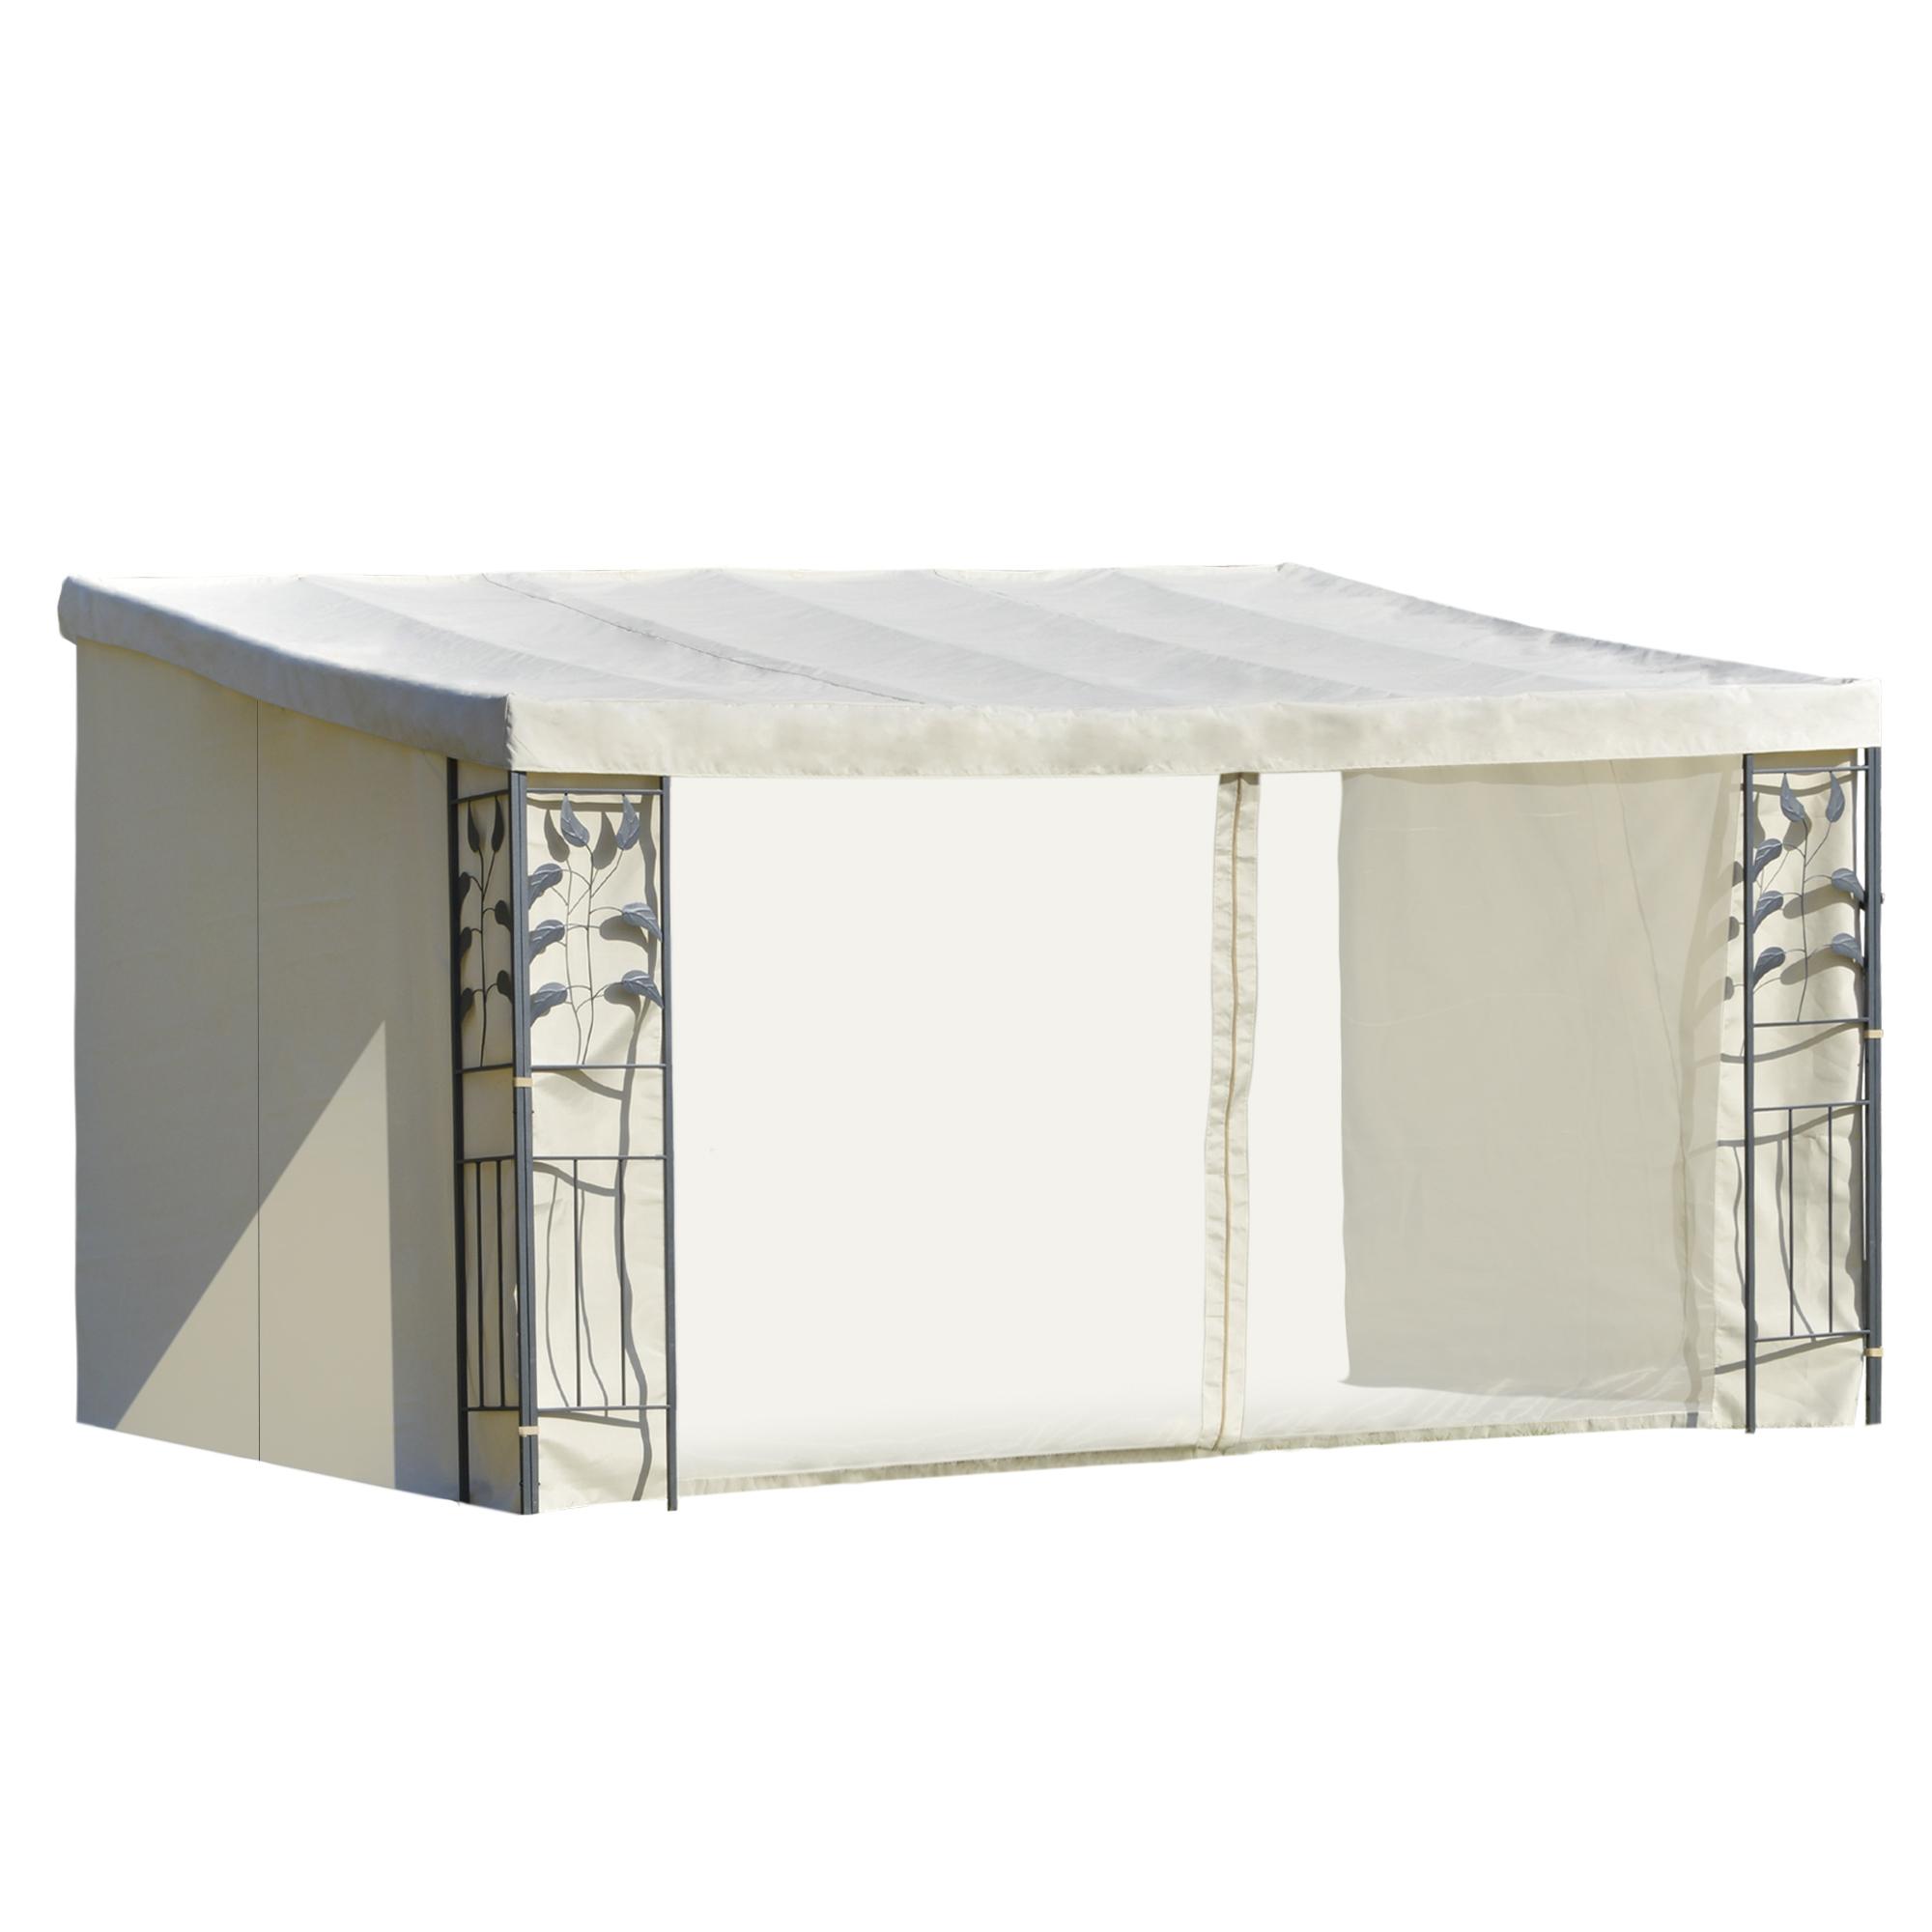 Pergola adossable polyester haute densité moustiquaires crème métal époxy gris